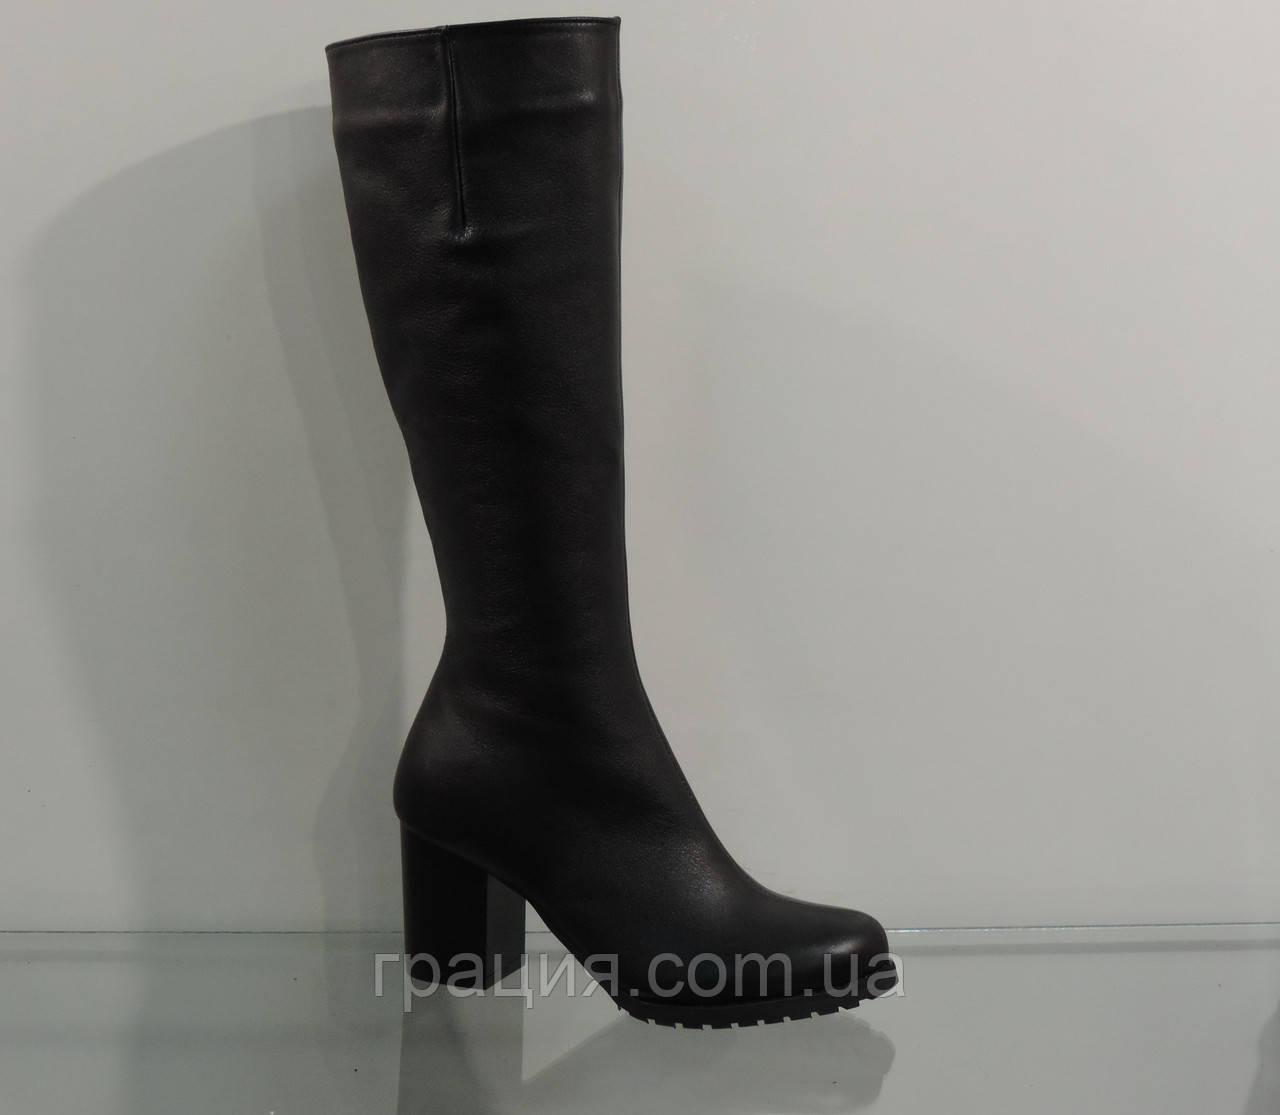 Модні зимові шкіряні чоботи на невисокому каблуці